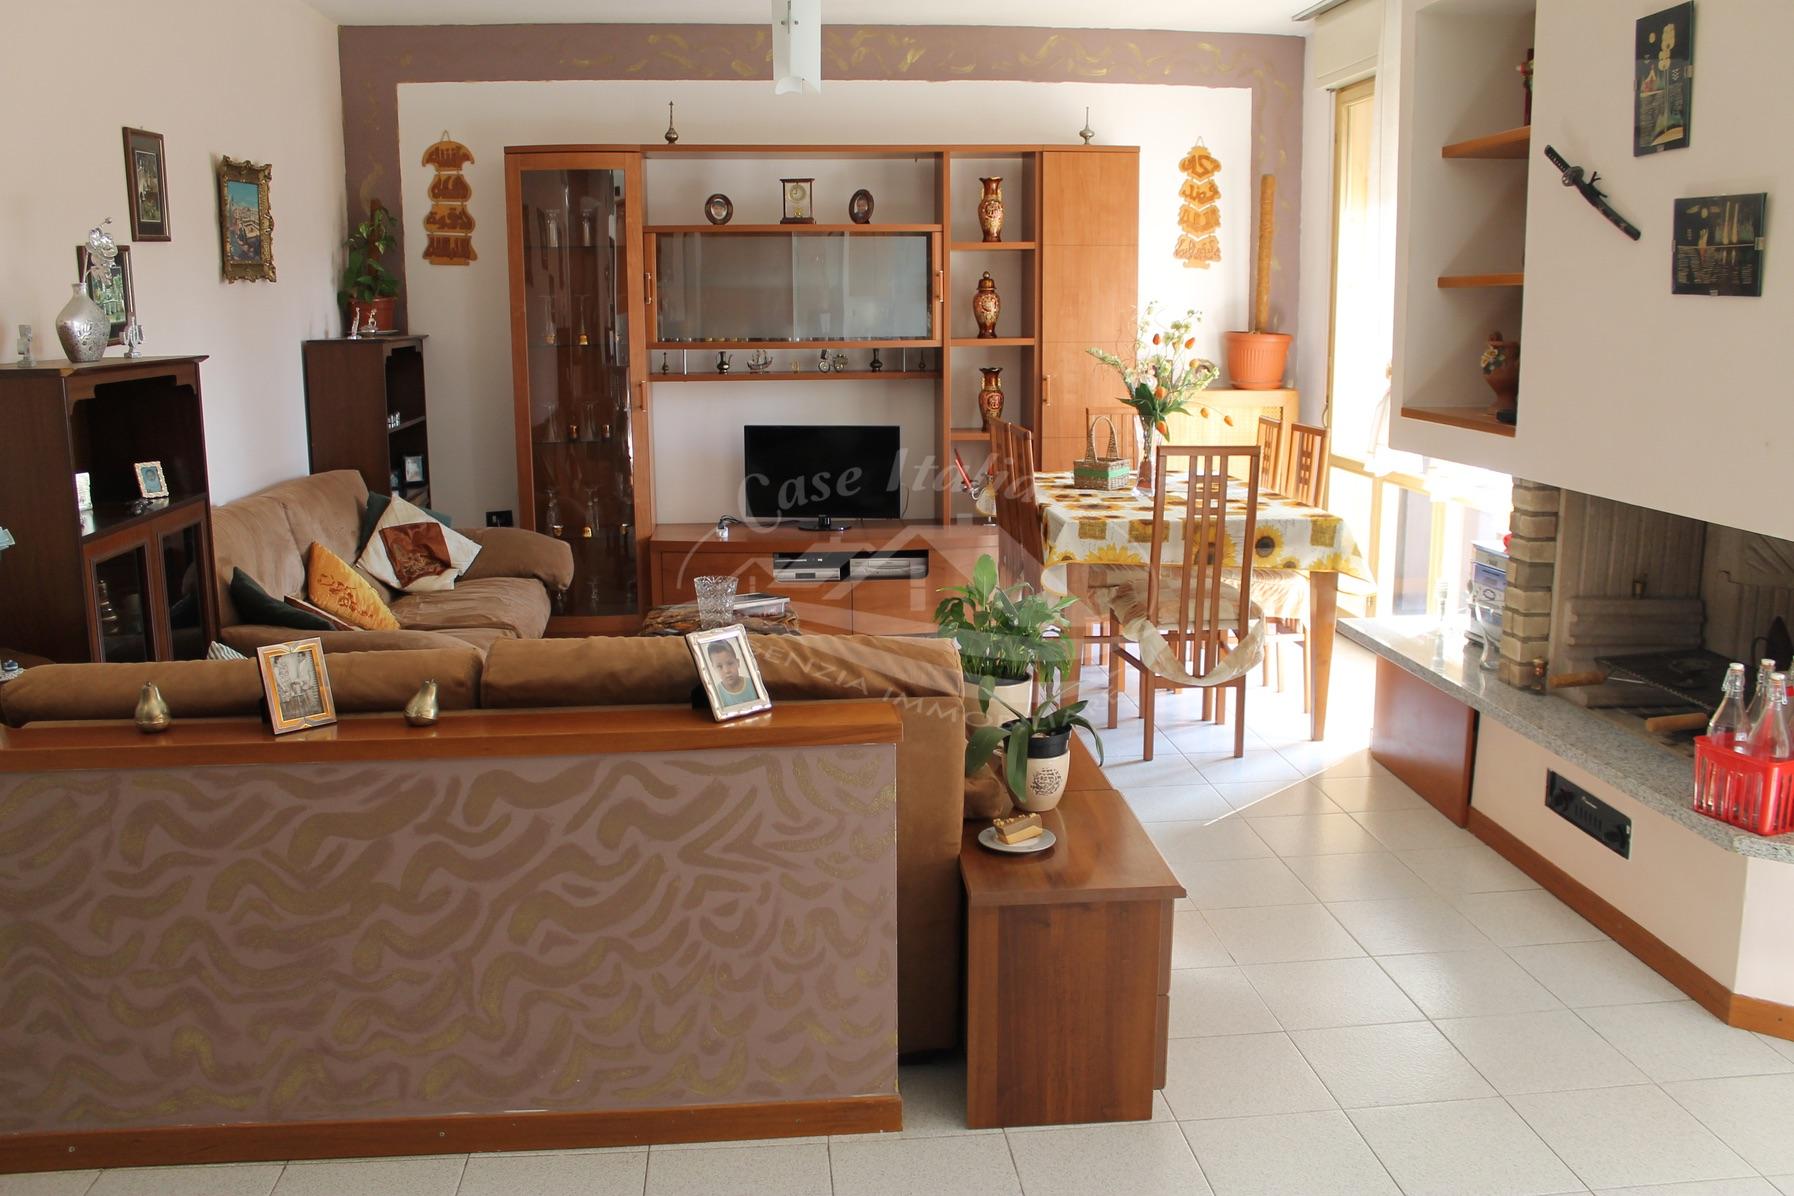 Foto immobili 152 case italiane agenzia immobiliare cant for Negozi arredamento cantu